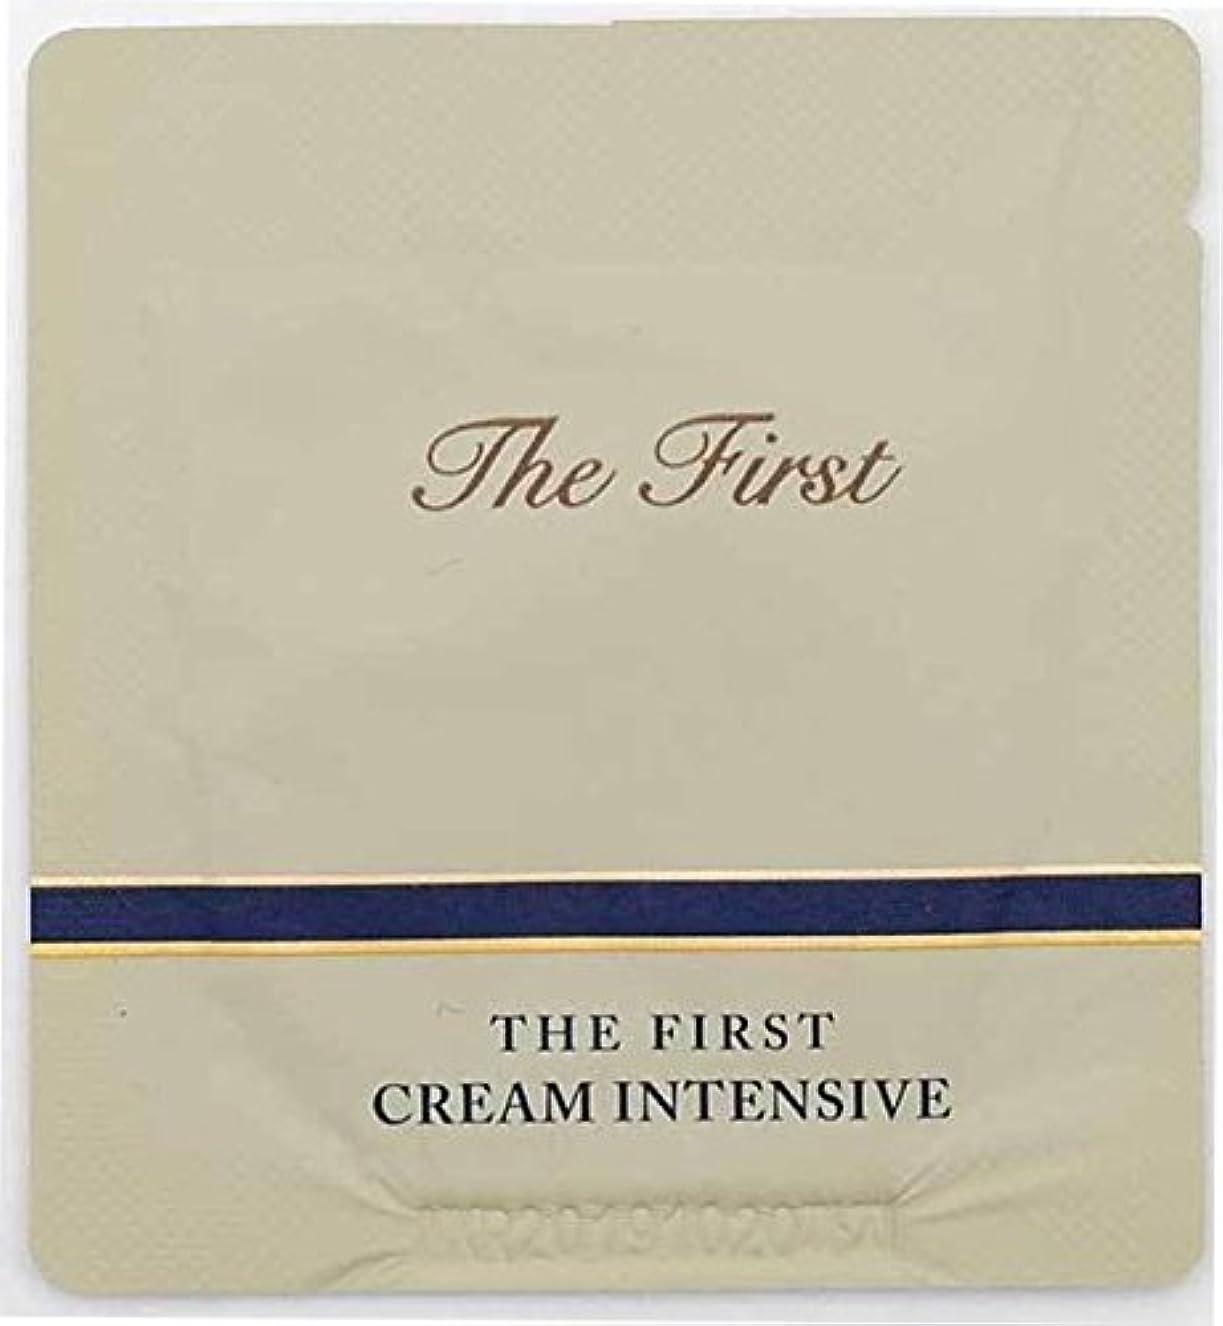 肘区サイバースペース[サンプル] OHUI The First Cream intensive 1ml × 30ea/オフィ ザ ファースト クリーム インテンシブ 1ml × 30個